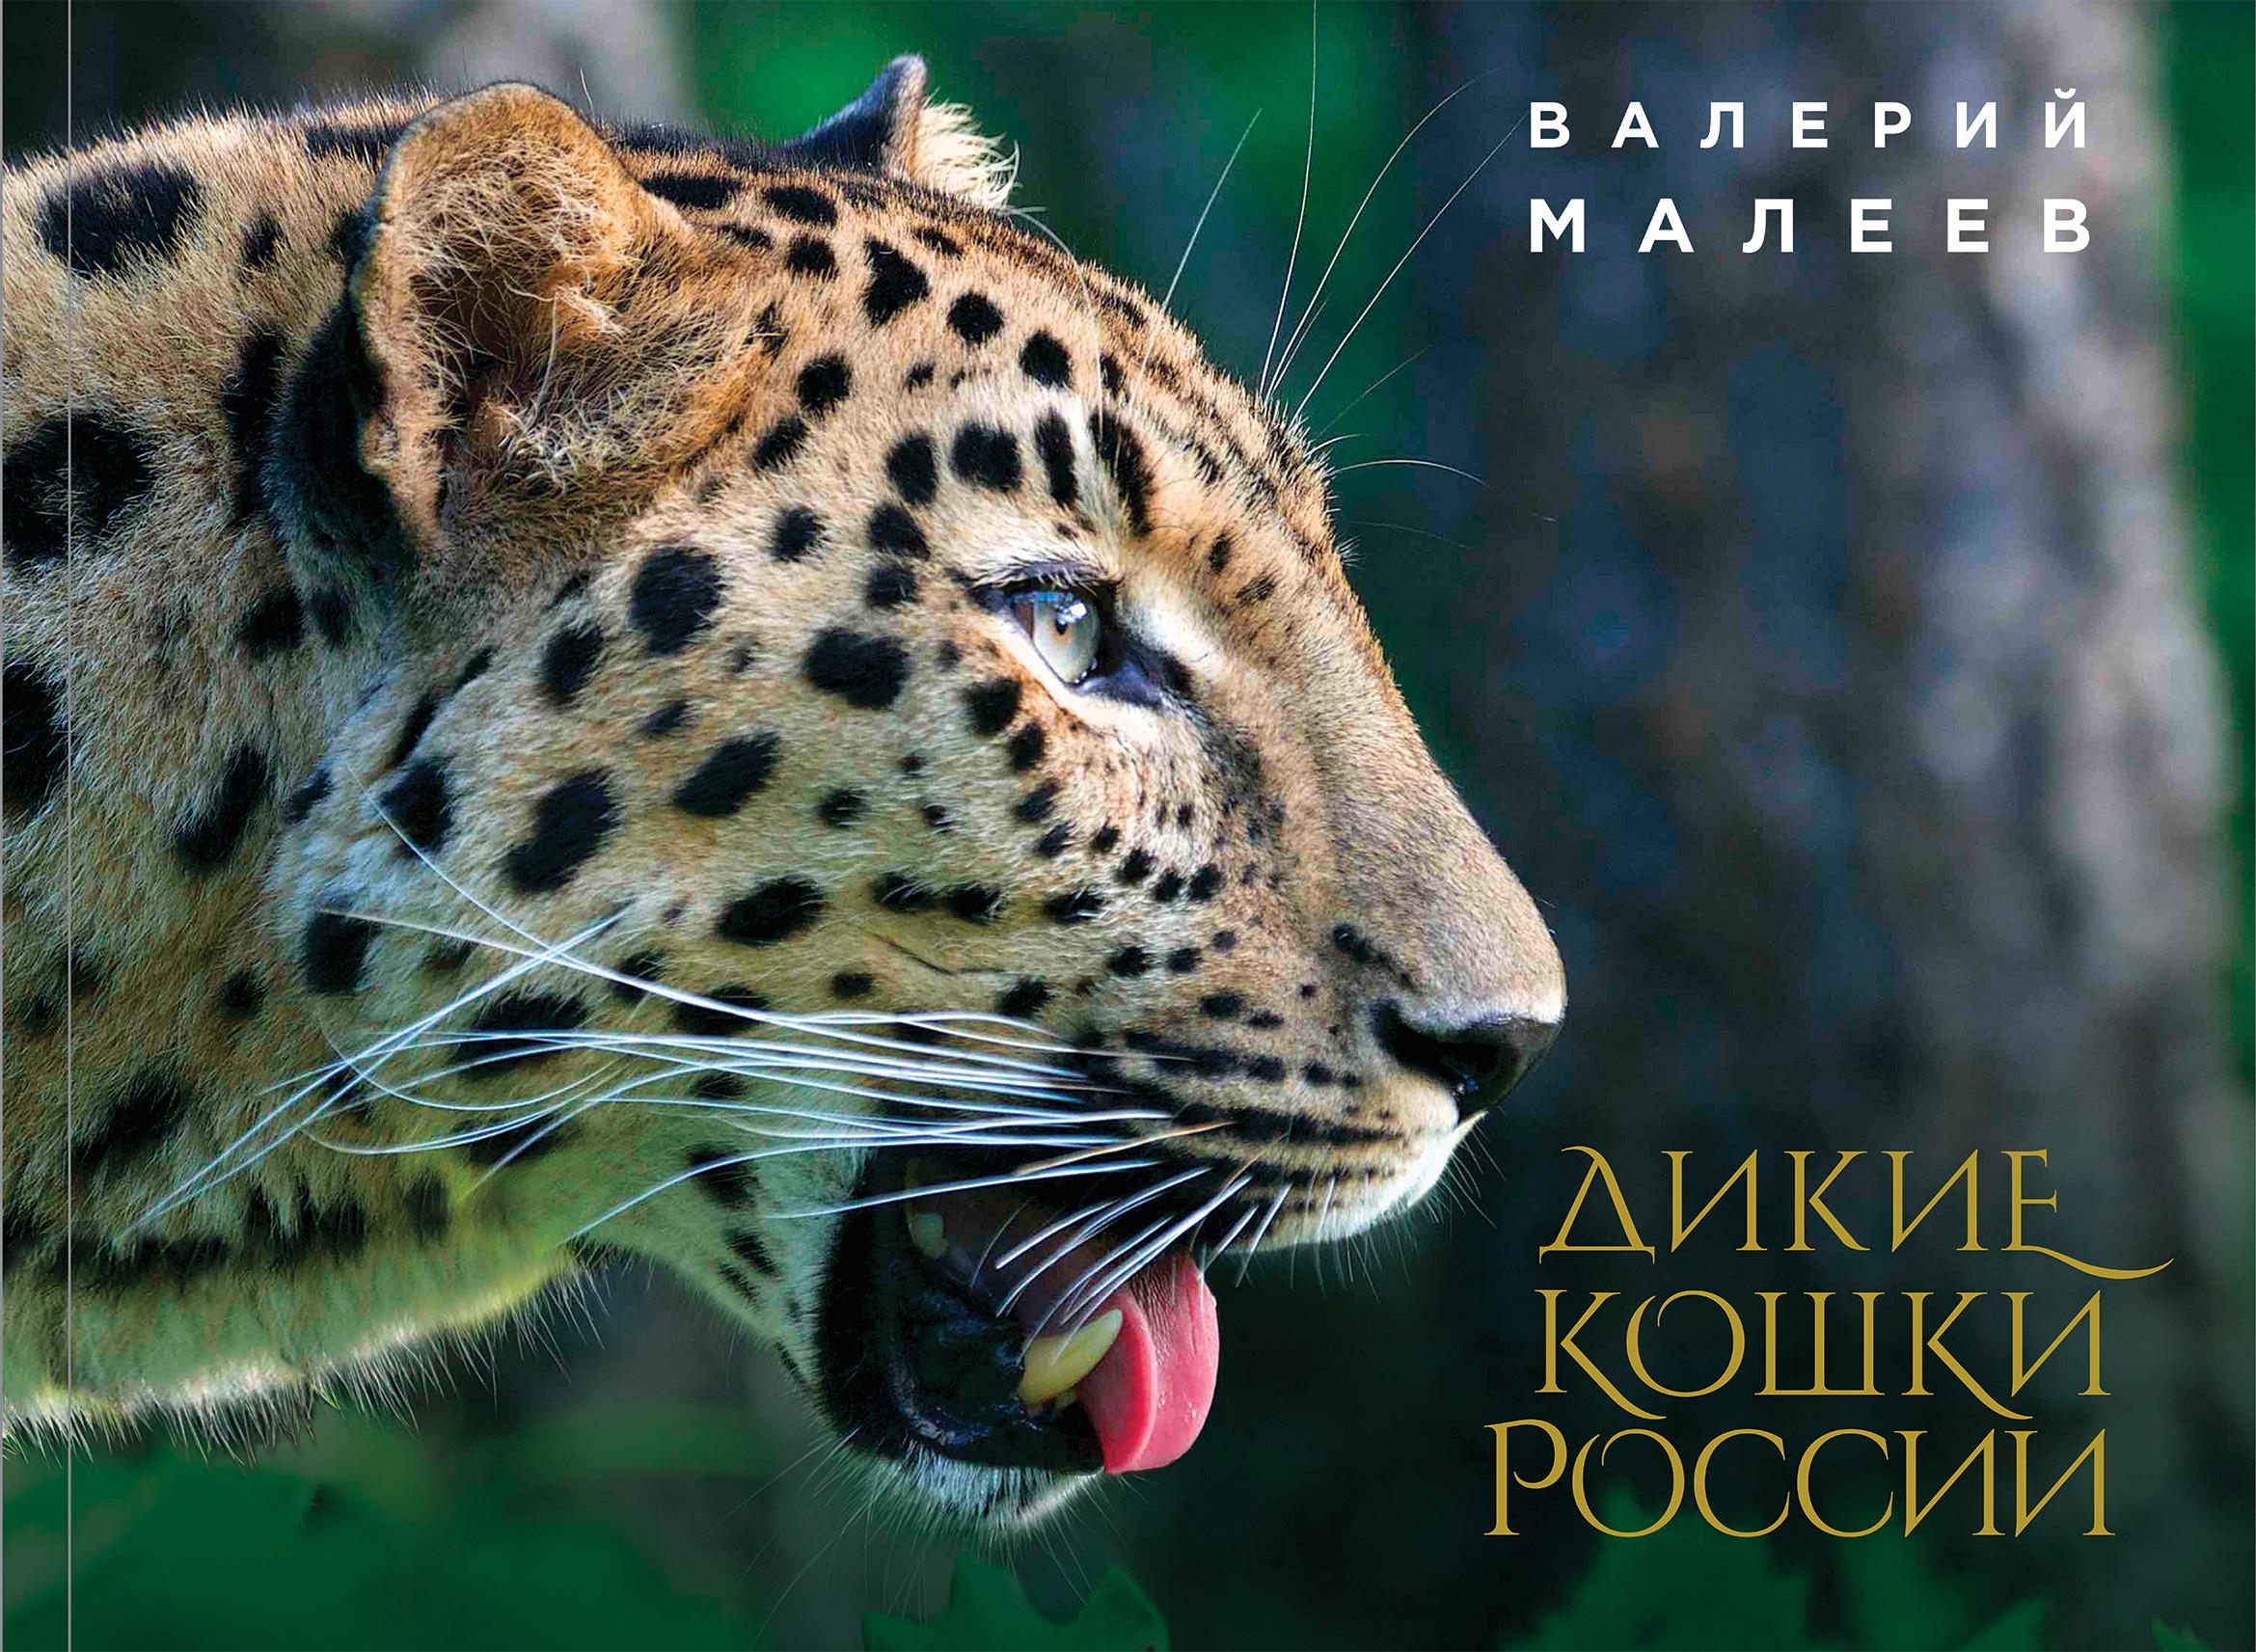 Dikie koshki Rossii: illjustrirovannyj avtorskij fotoalbom